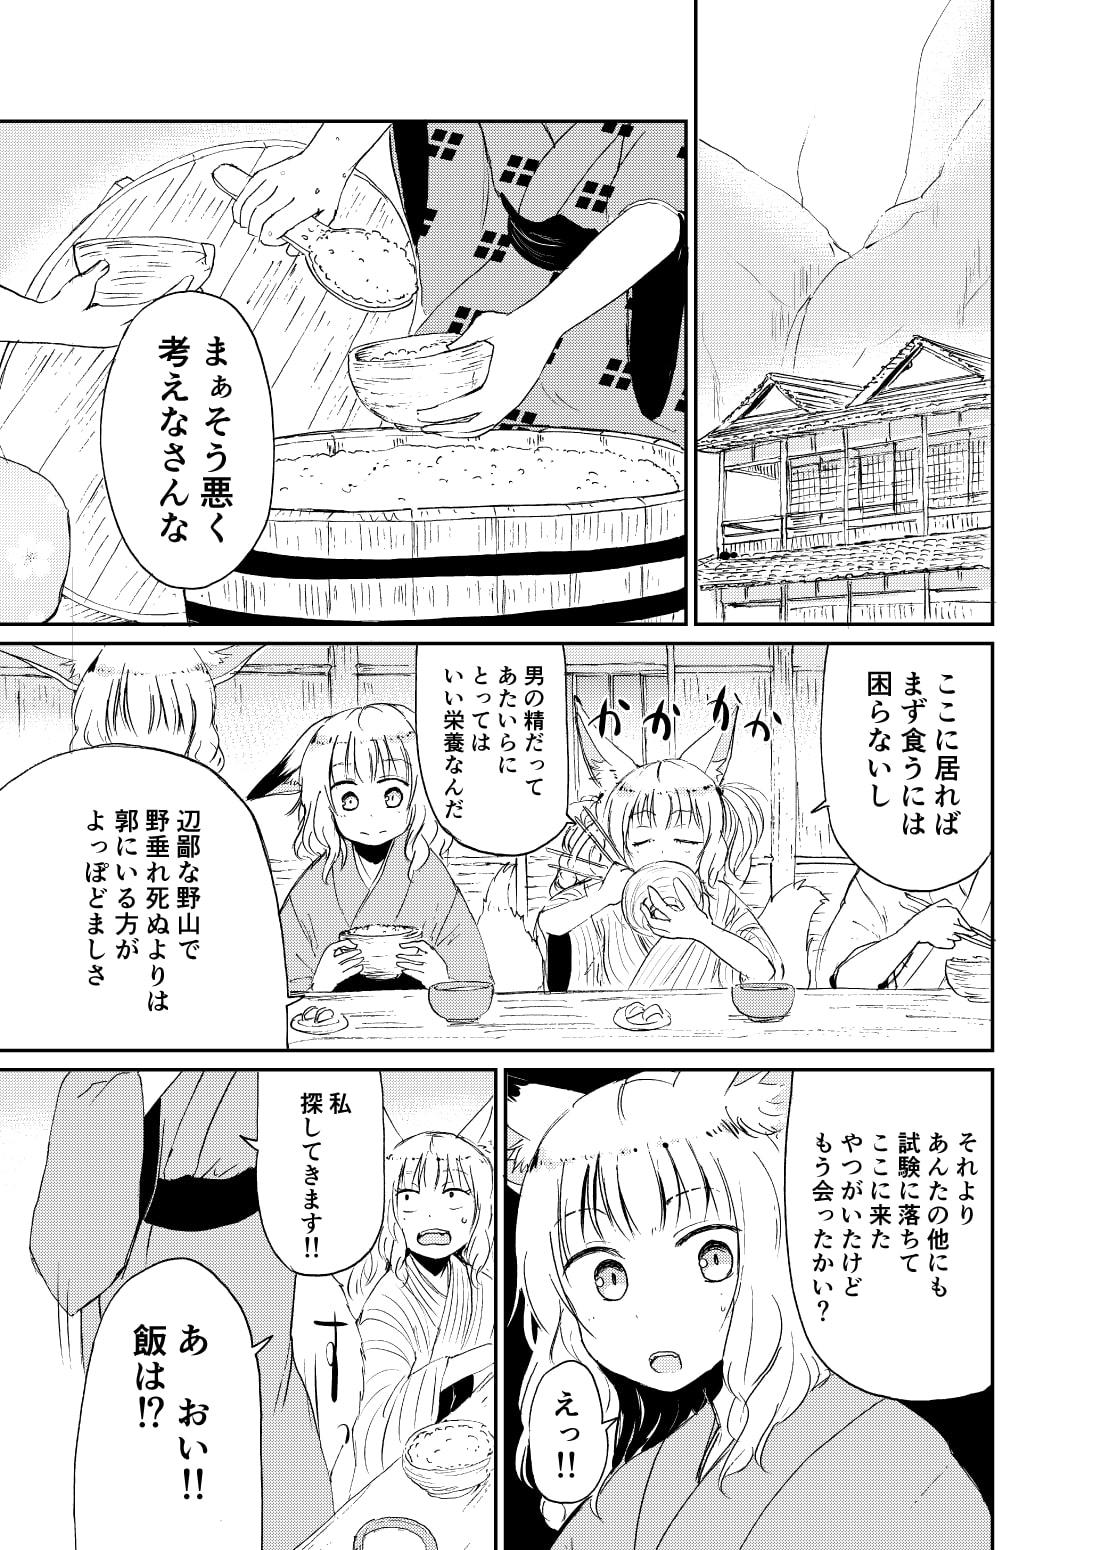 忌み狐第4話